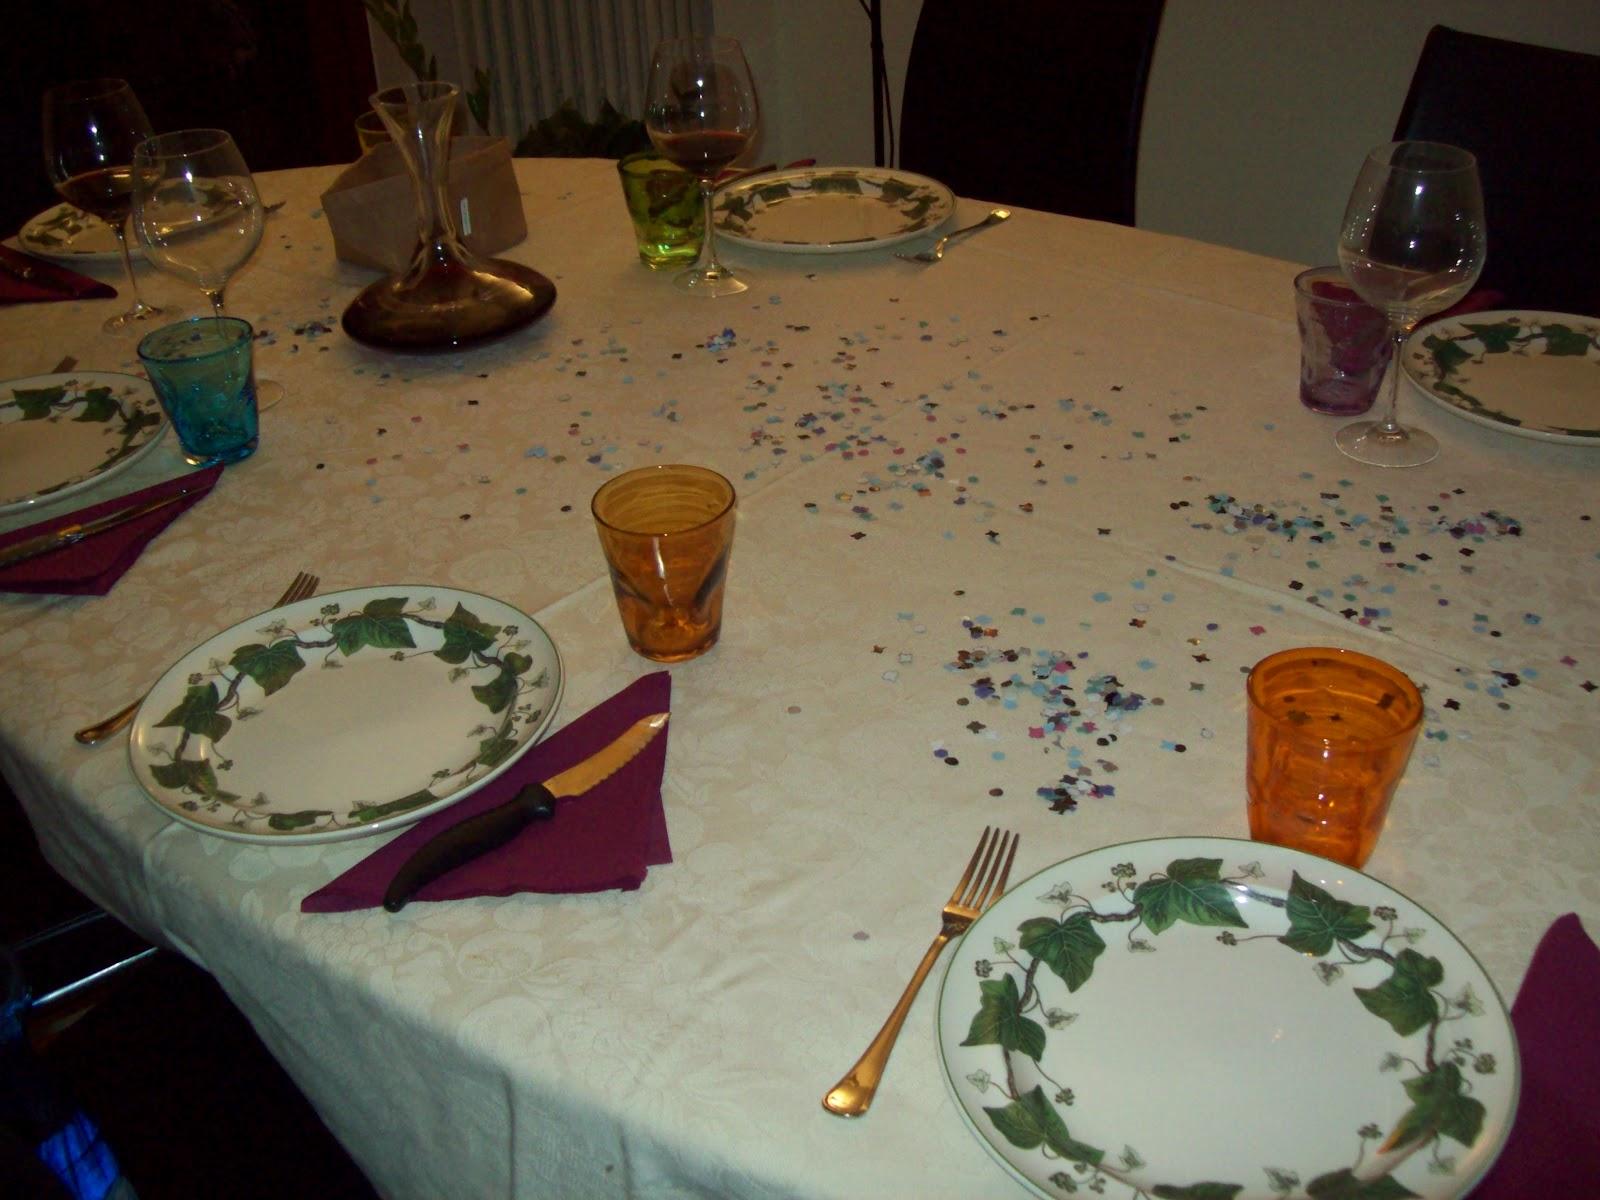 Chiedilo a zia lodo come decorare la tavola di carnevale - Decorare la tavola per carnevale ...